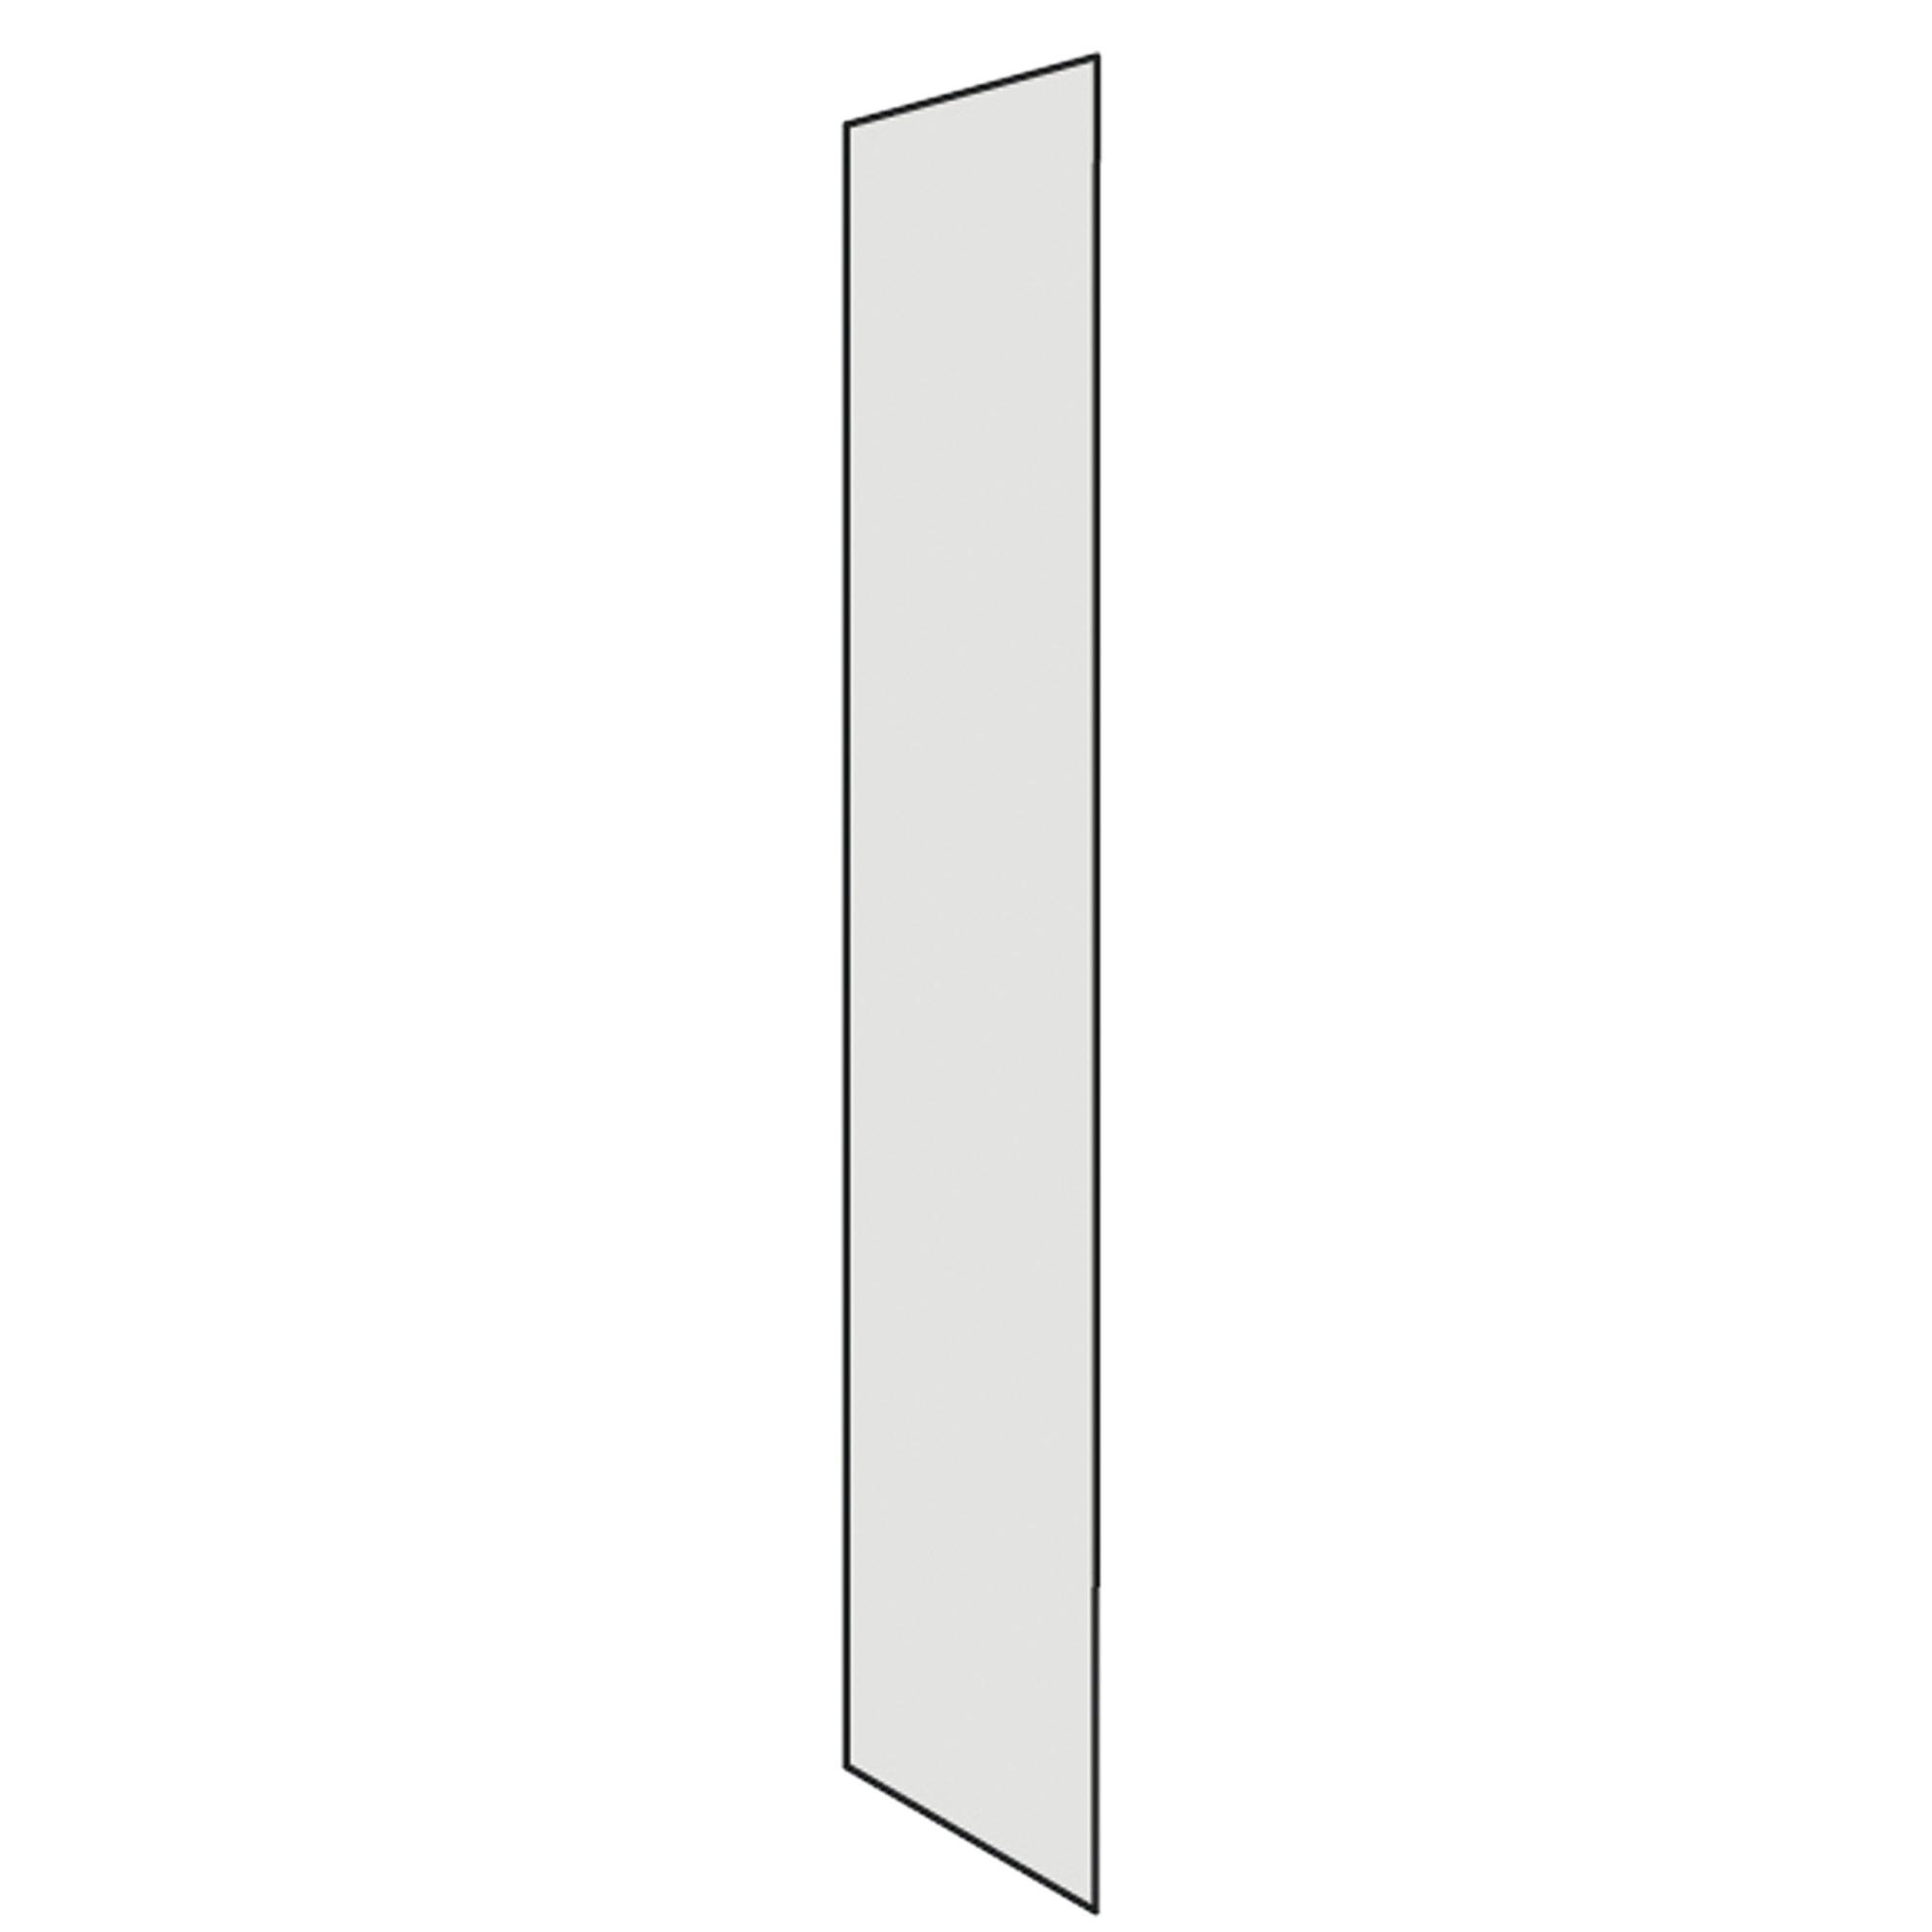 Zwischenwände für Felder mit Türen, 1900 mm